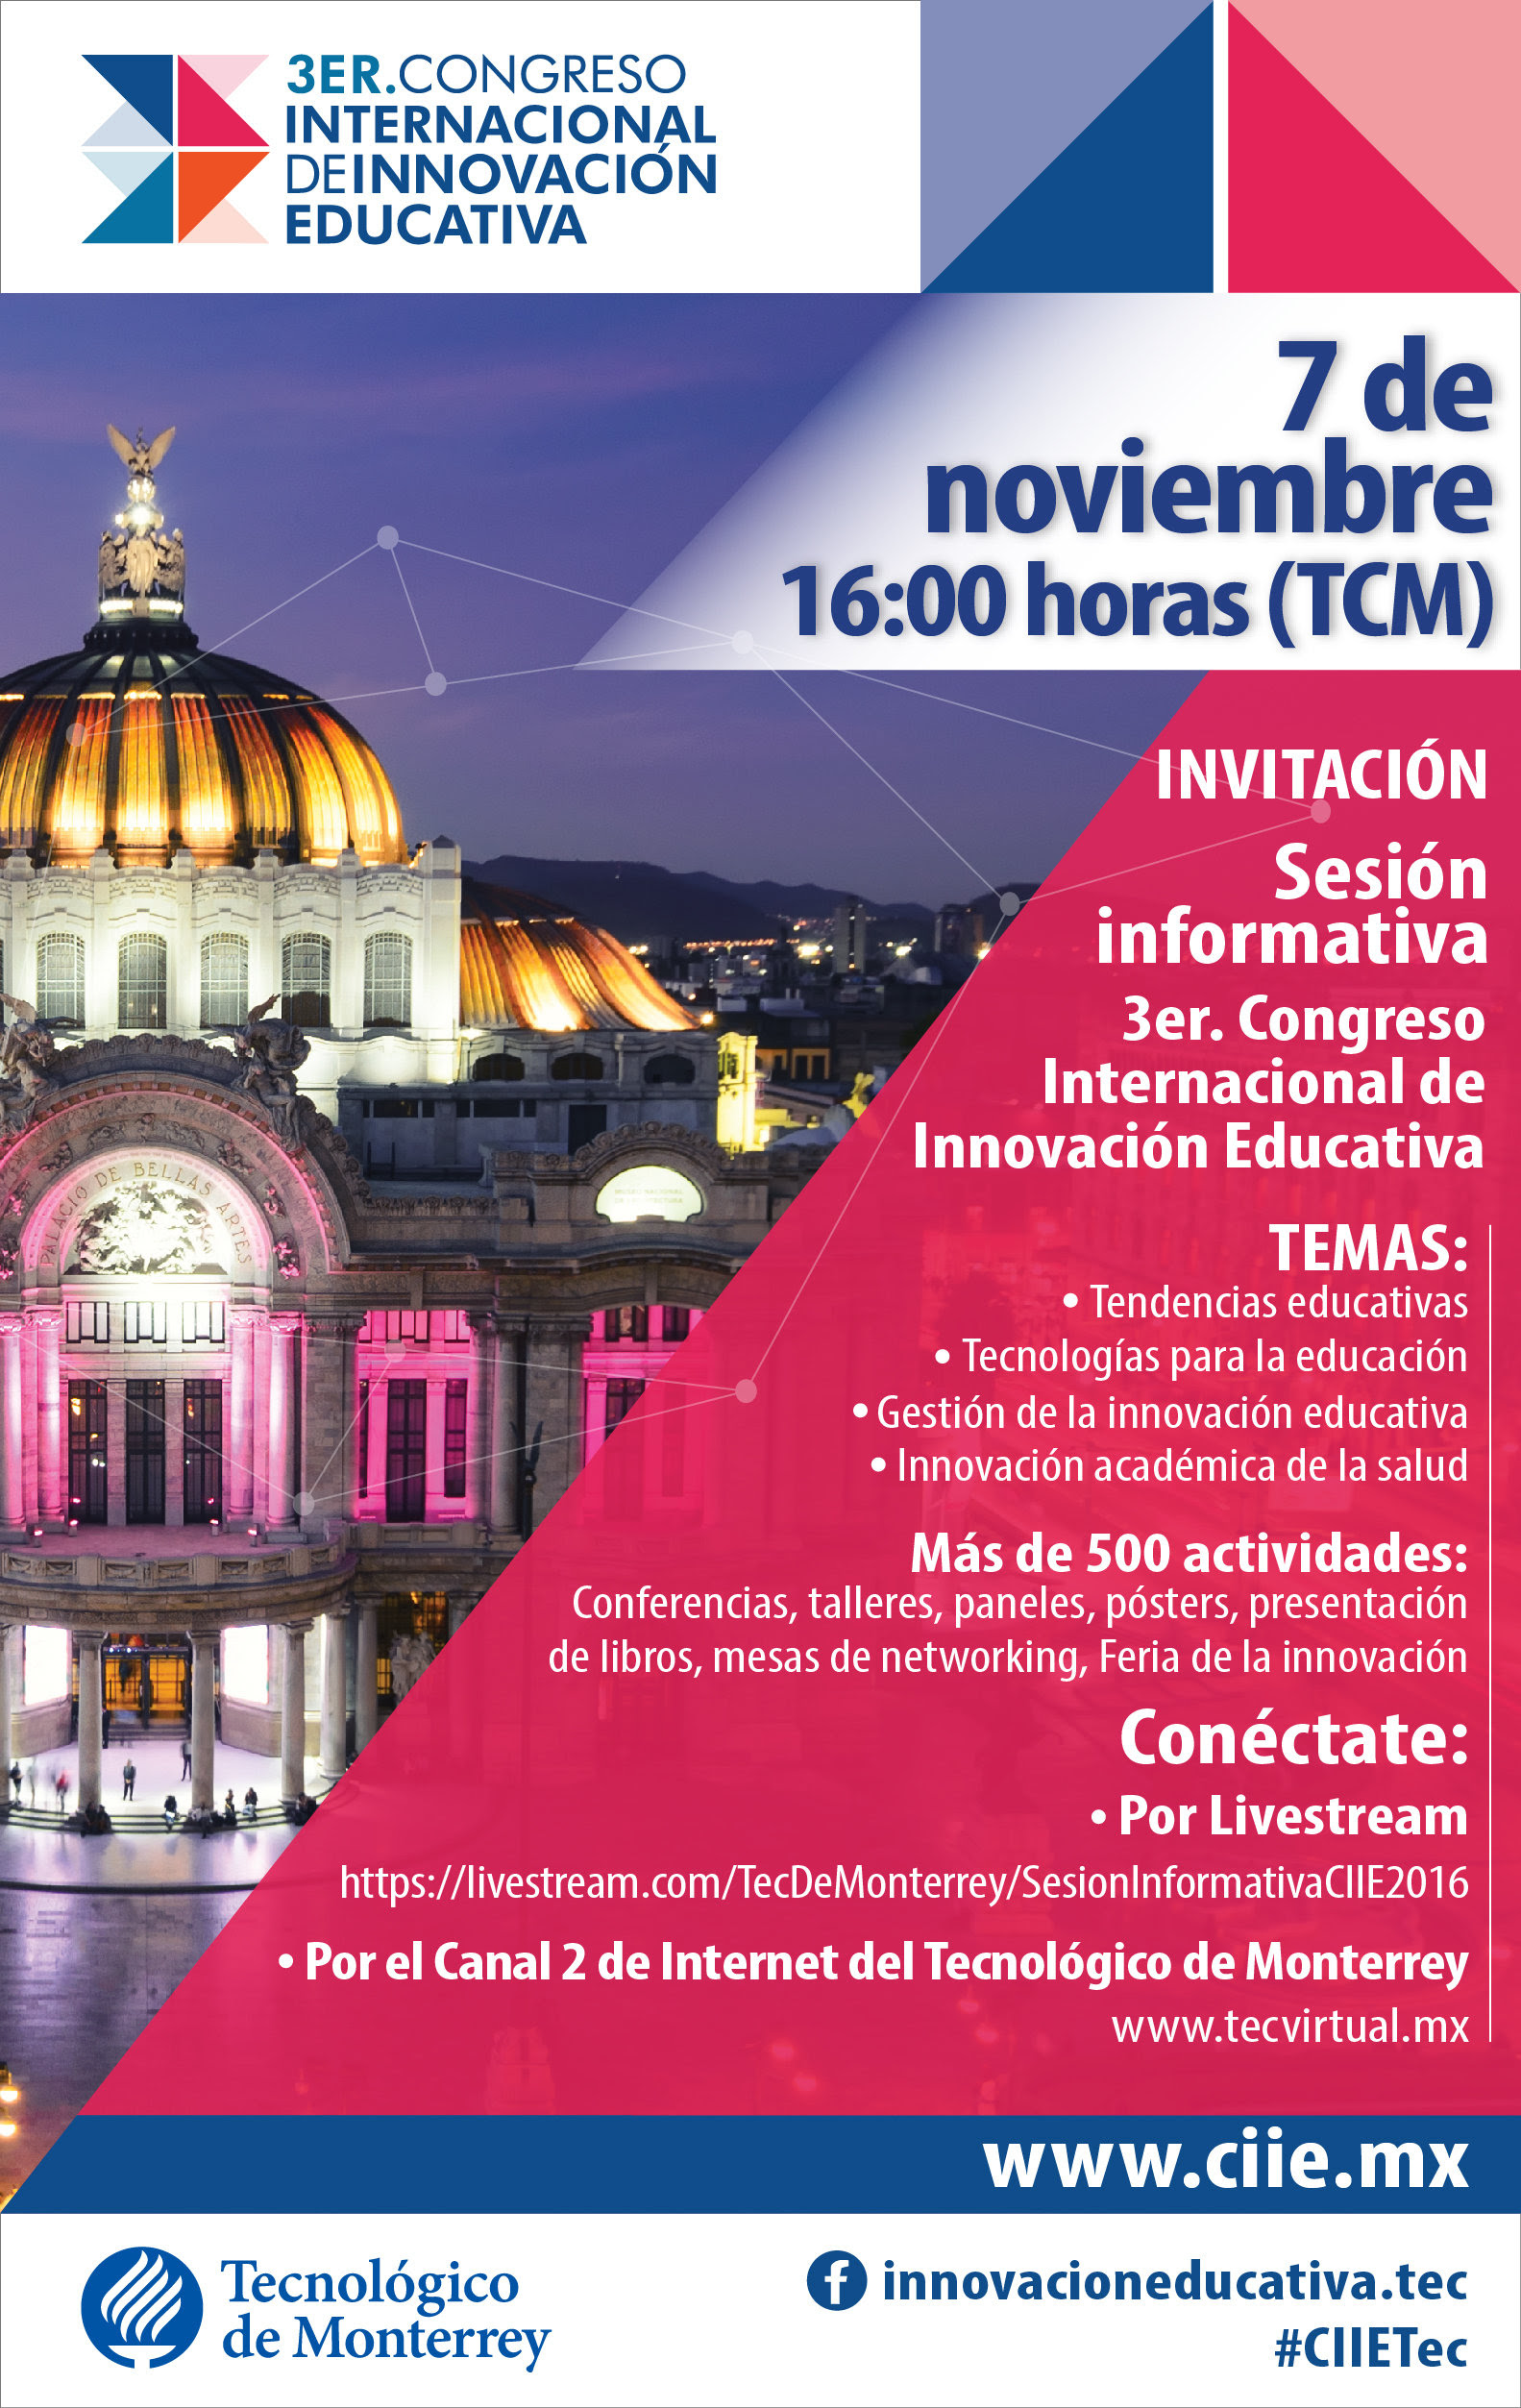 3er. Congreso Internacional de Innovación Educativa 2016